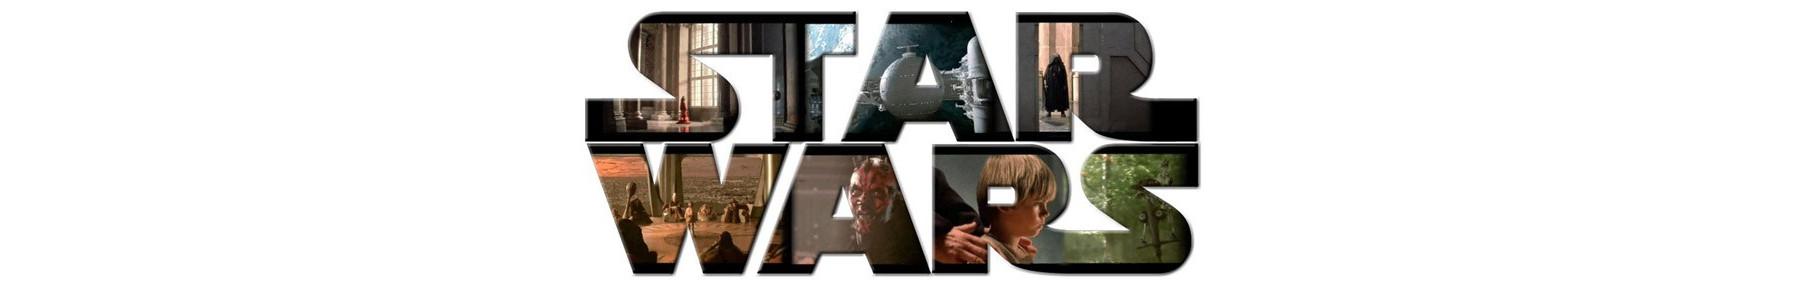 Colectia de articole party Star Wars